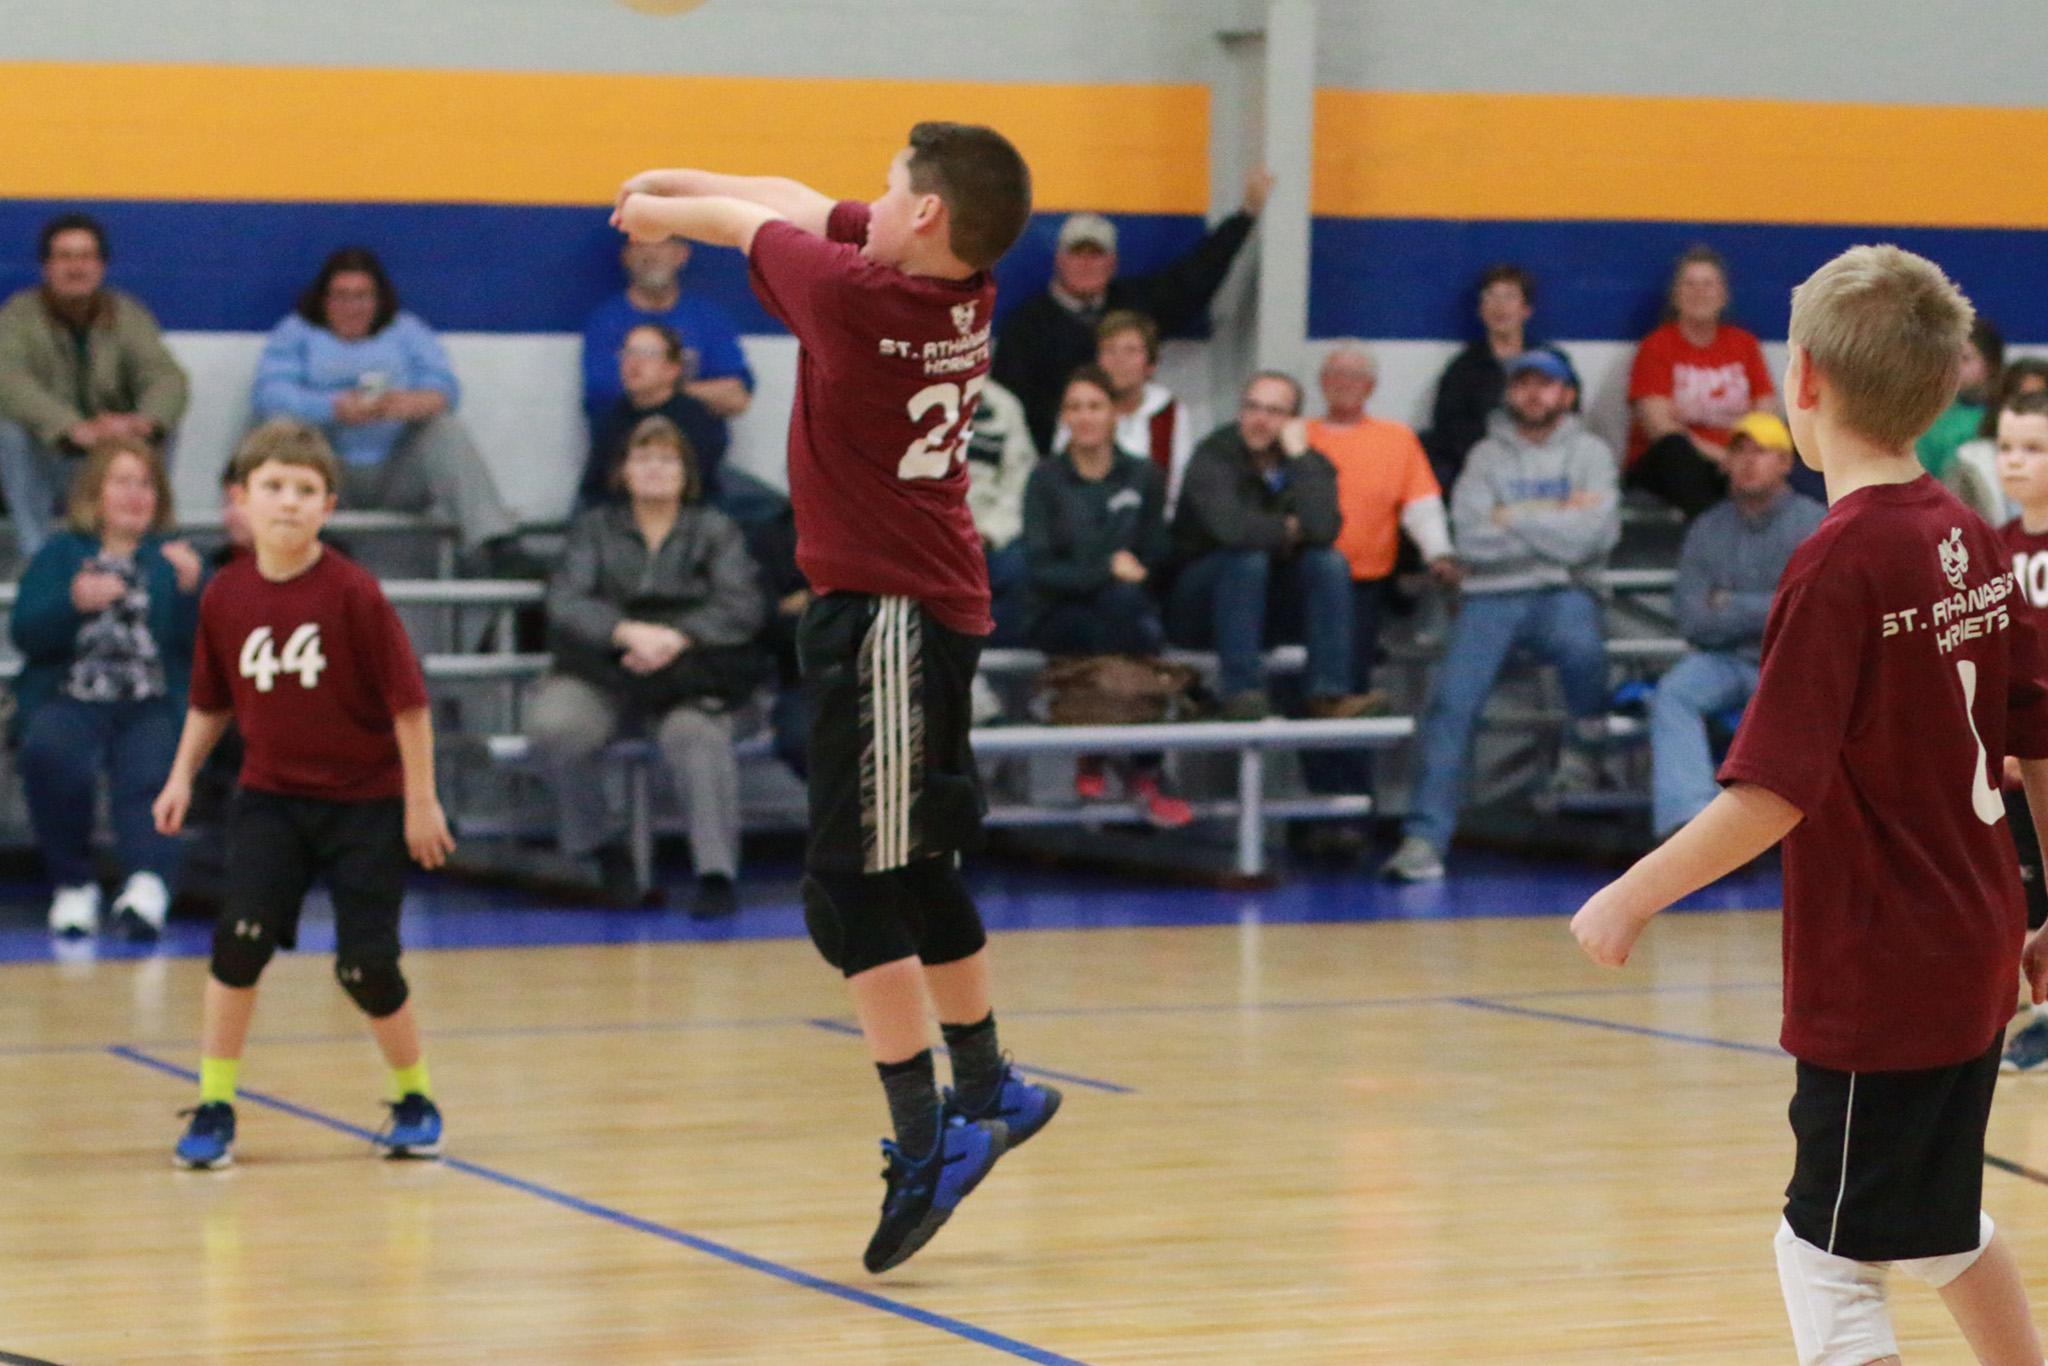 https://loucsaa.net/wp-content/uploads/2020/05/csaa-boys-volleyball.jpg